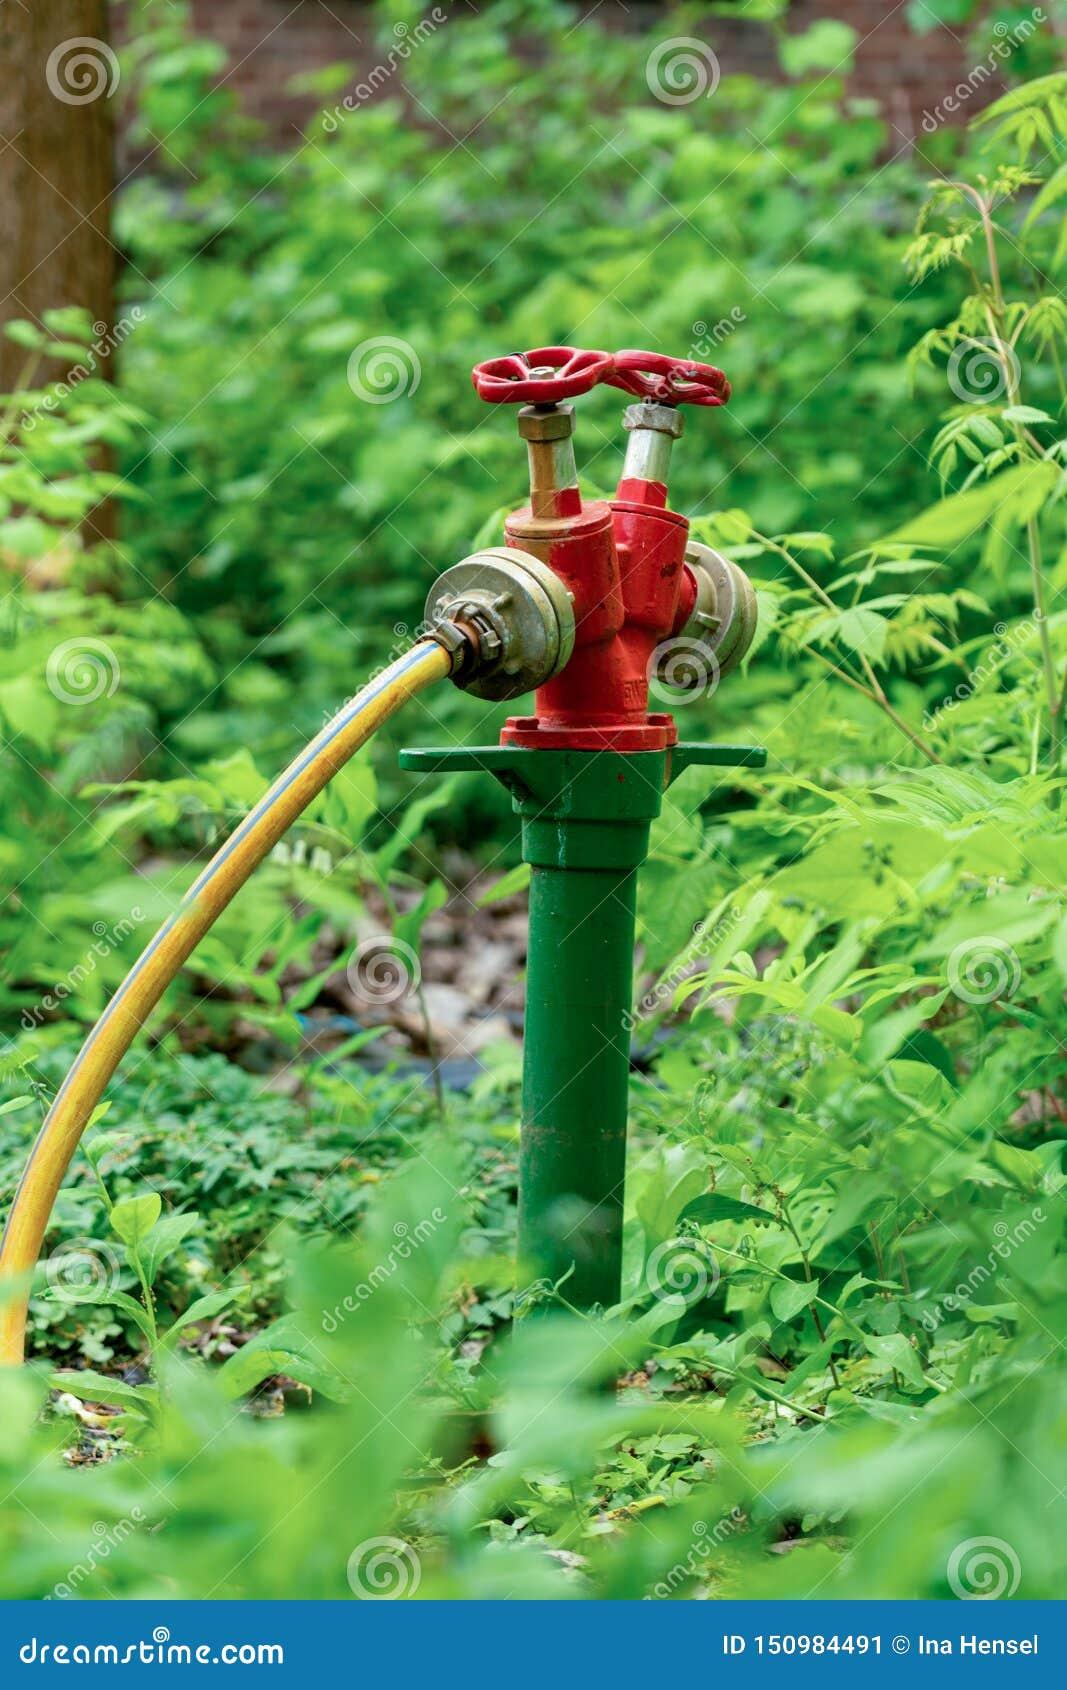 公开绿地和公园的专业灌溉系统